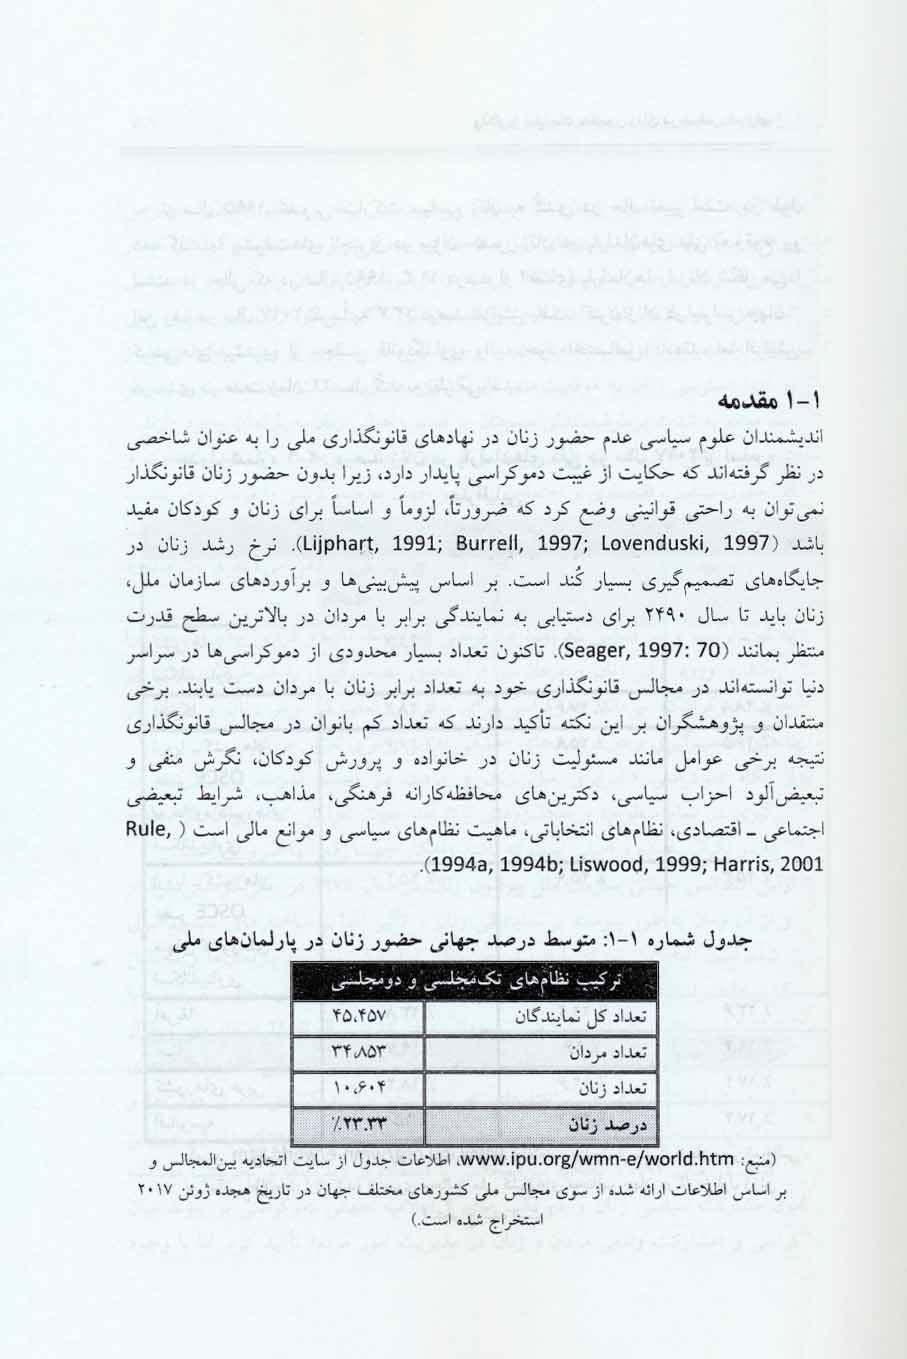 زنان و مشارکت سیاسی (واکاوی سیاست حضور زنان در مجلس شورای اسلامی)